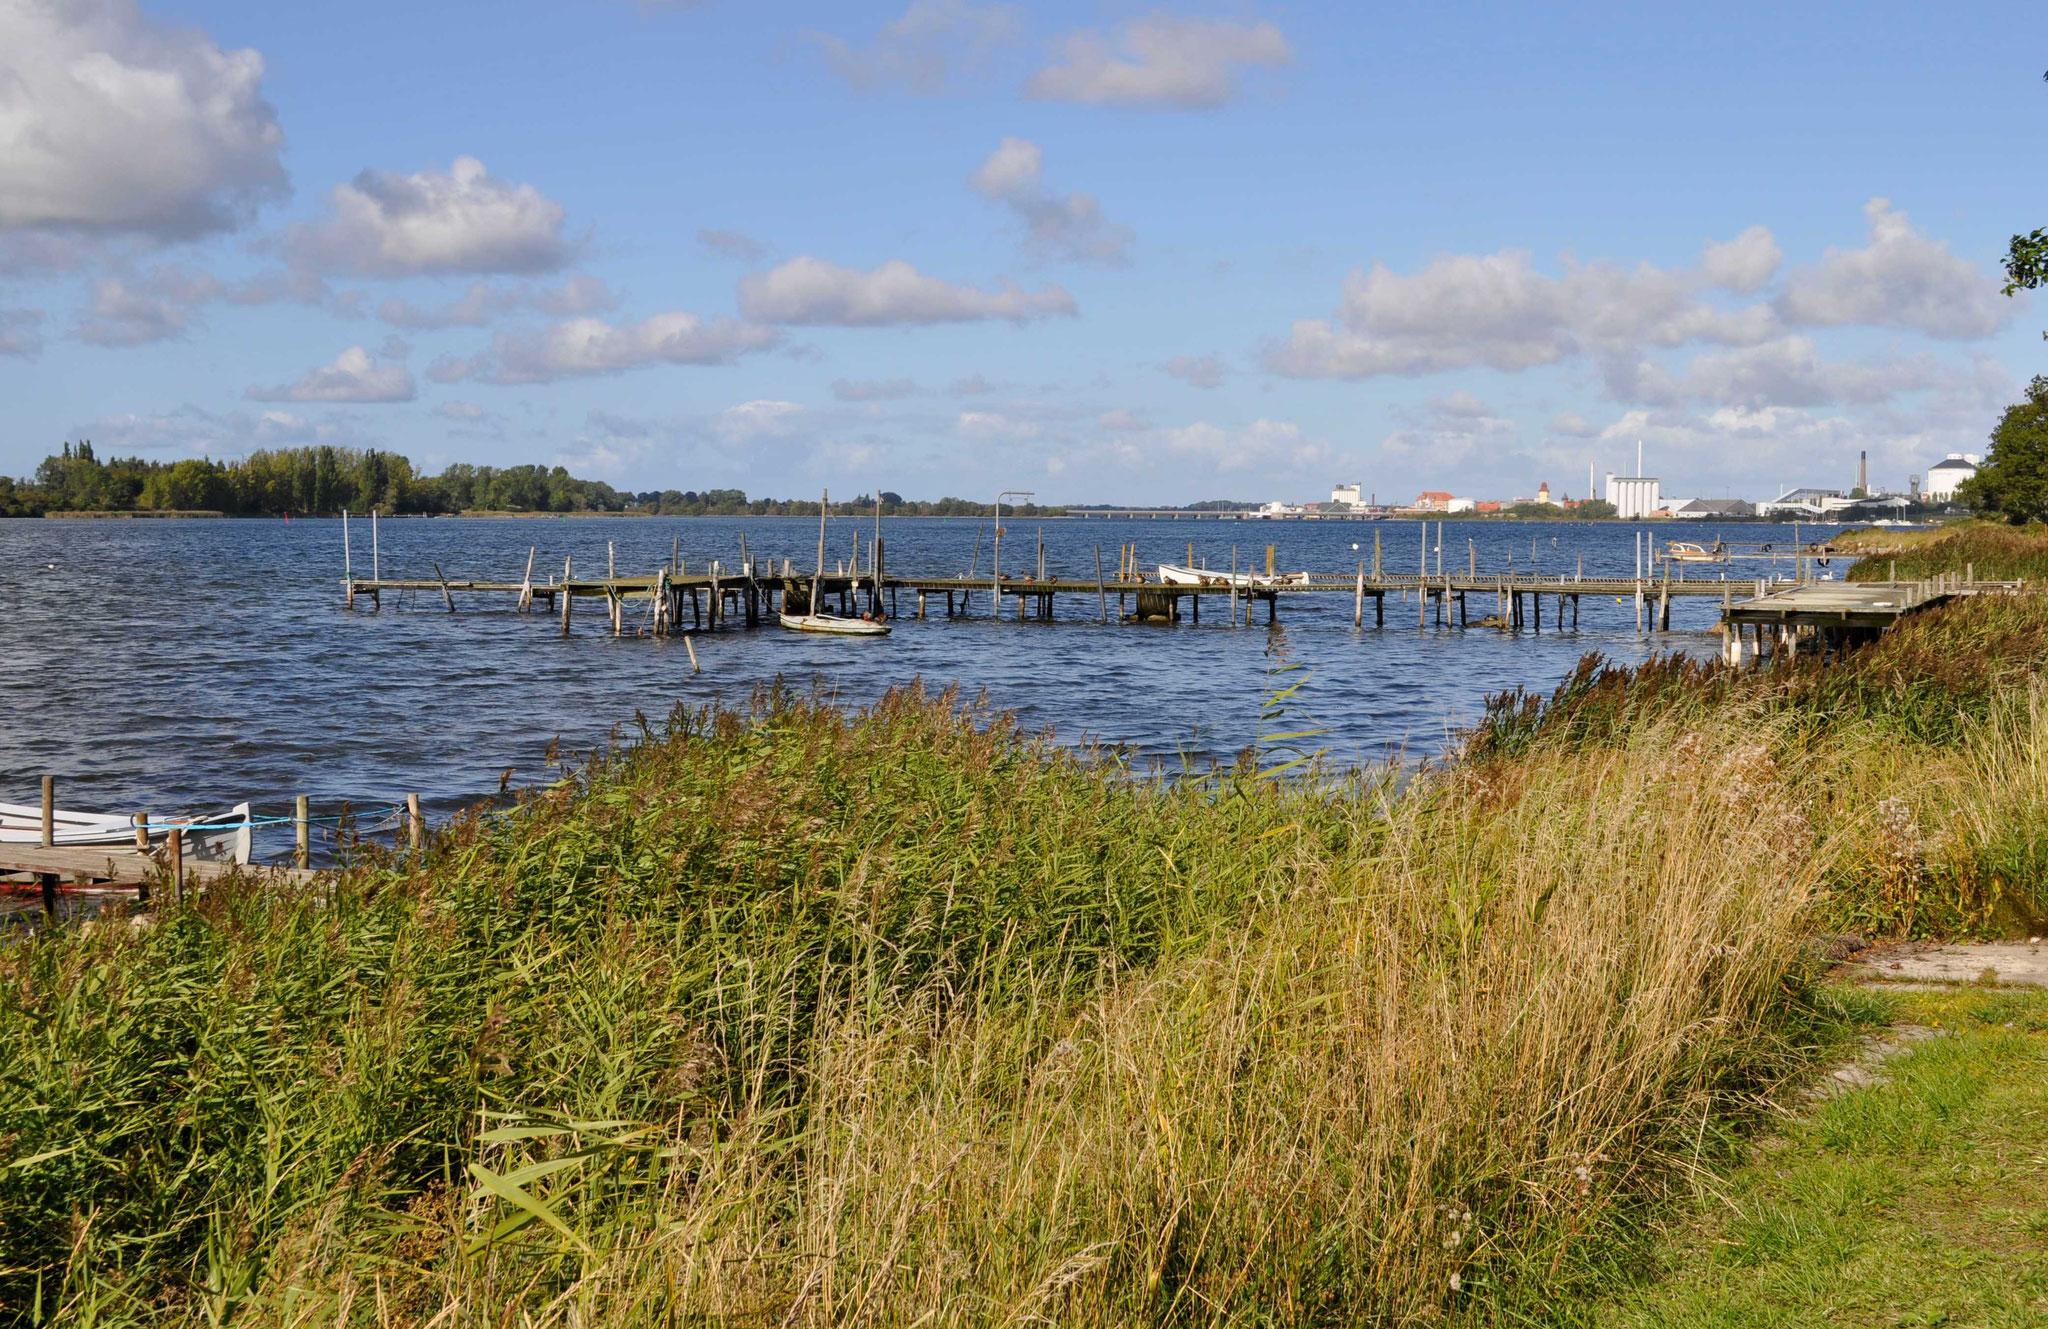 Bootssteege in Hasselö Plantage, mit der Zuckerfabrik im Hintergrund.